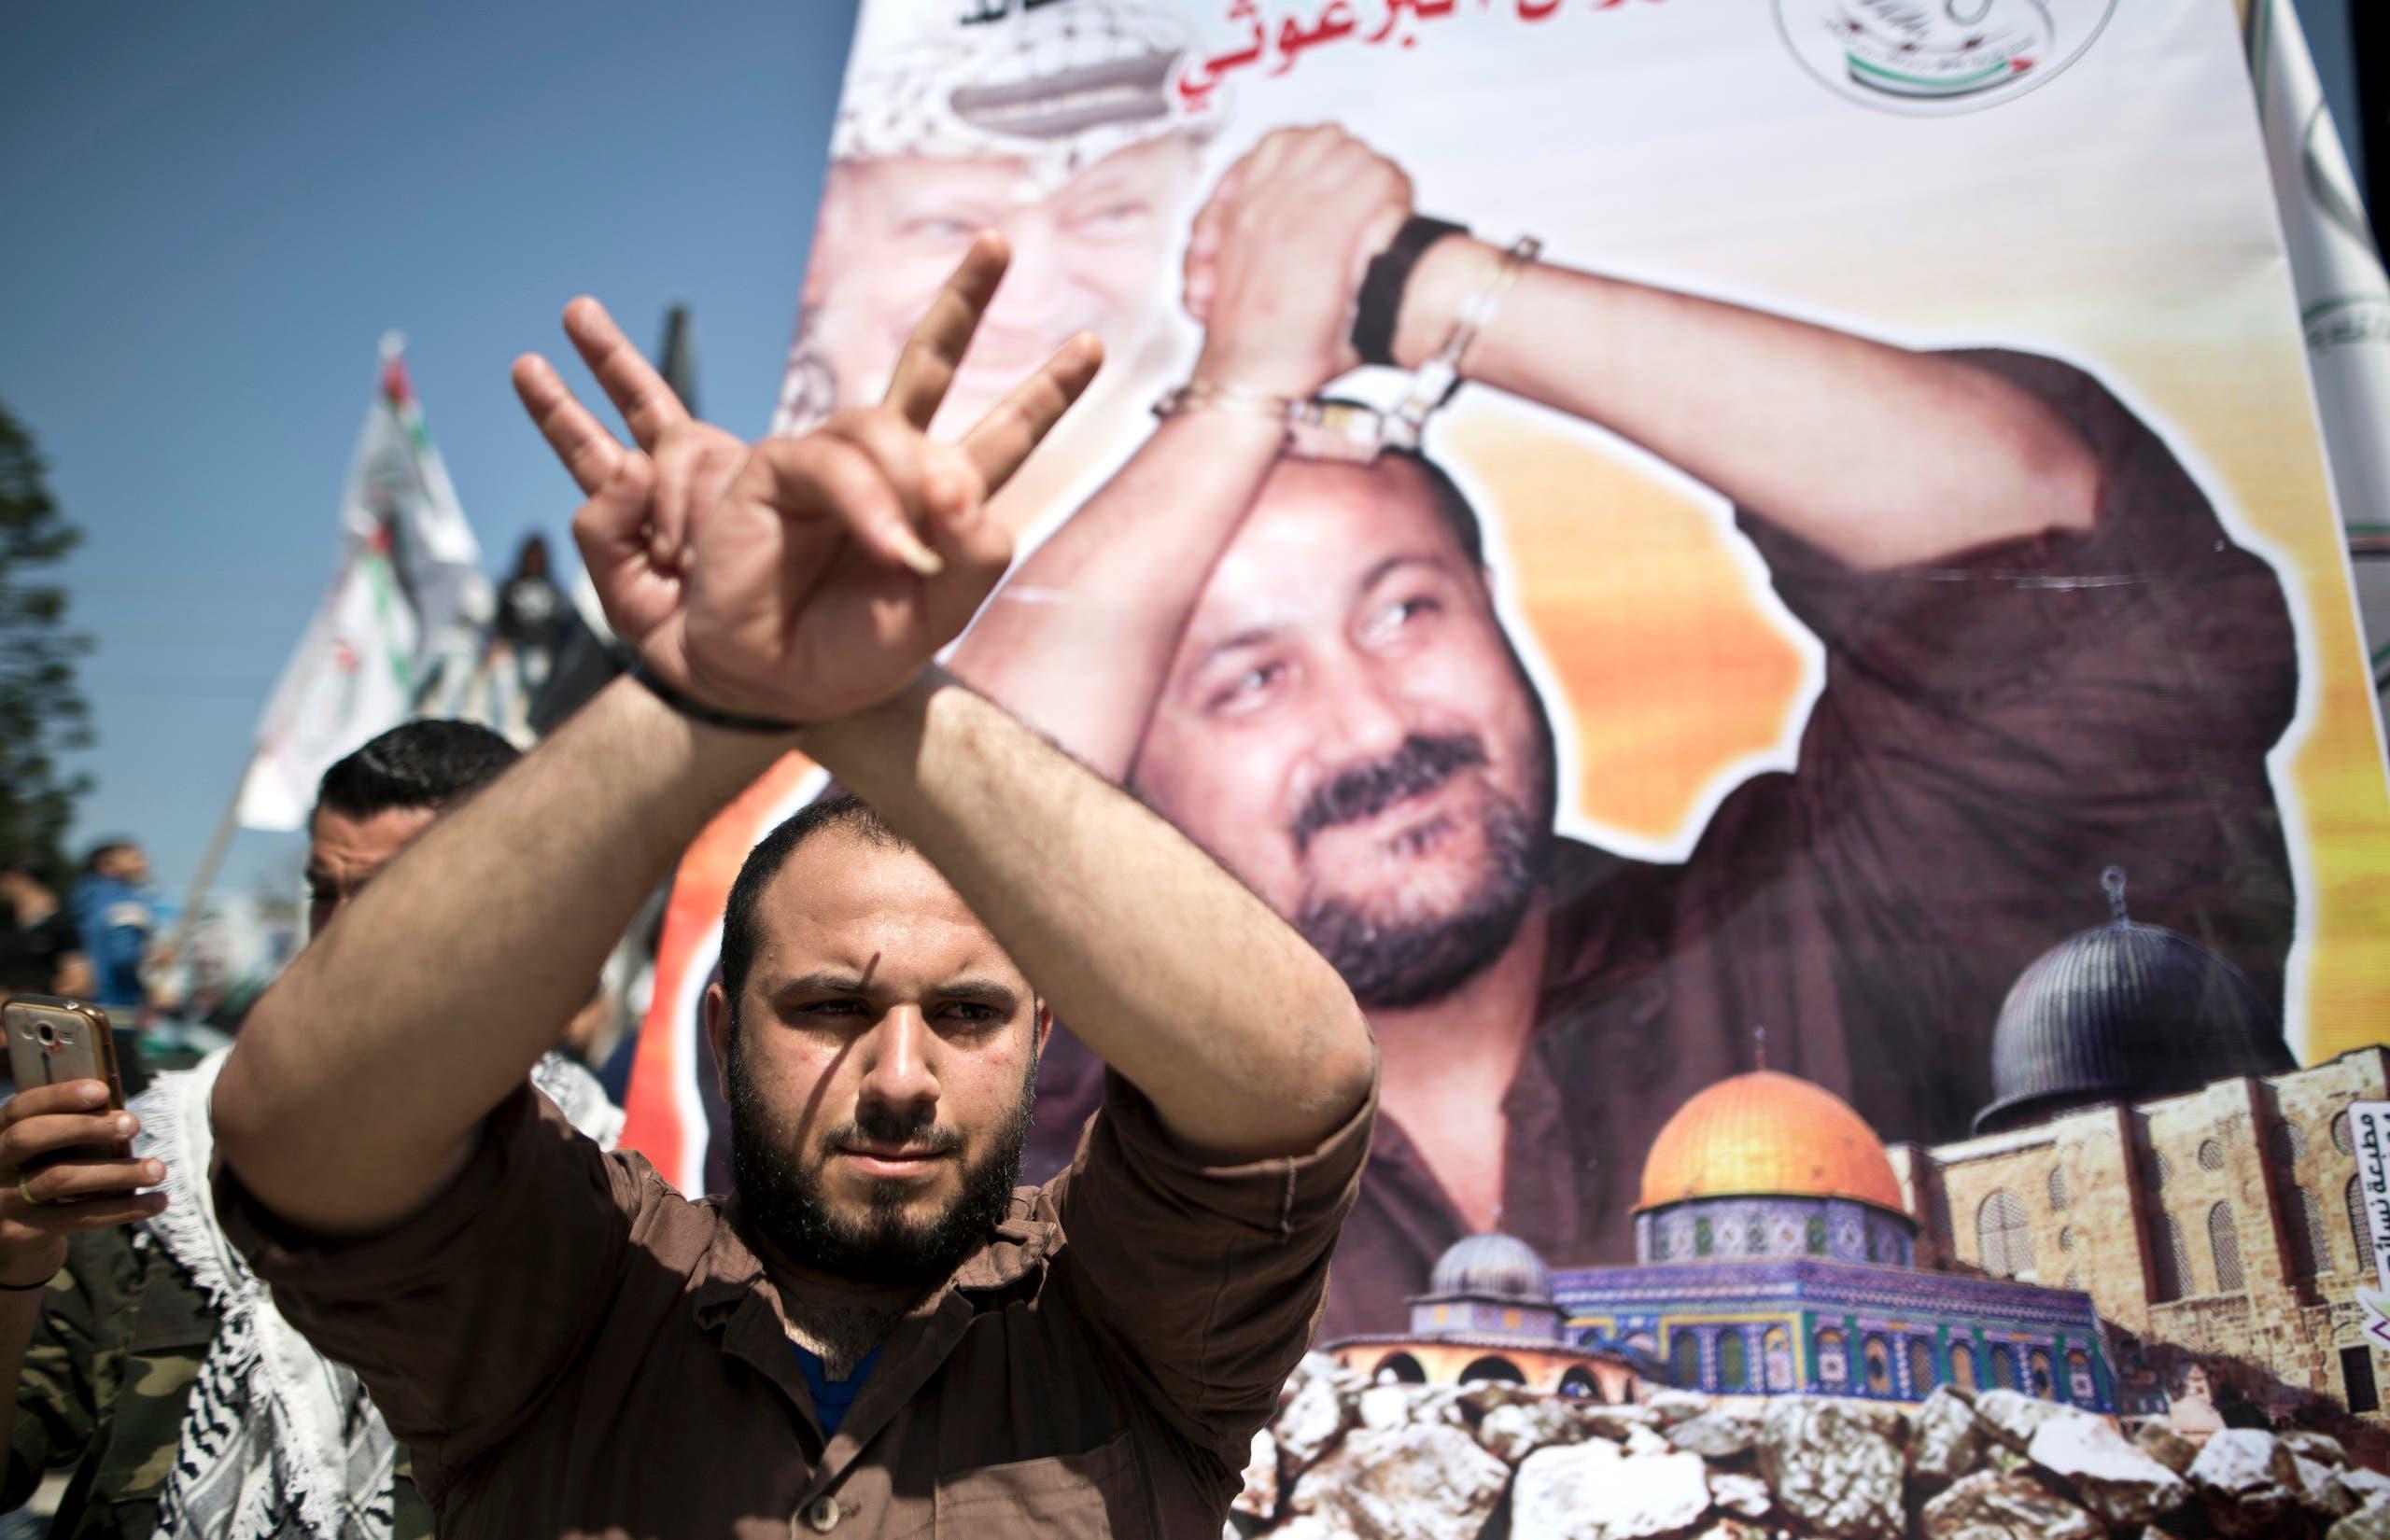 بوستر لمروان البرغوثي القيادي الذي يتصدر إضراب الأسرى